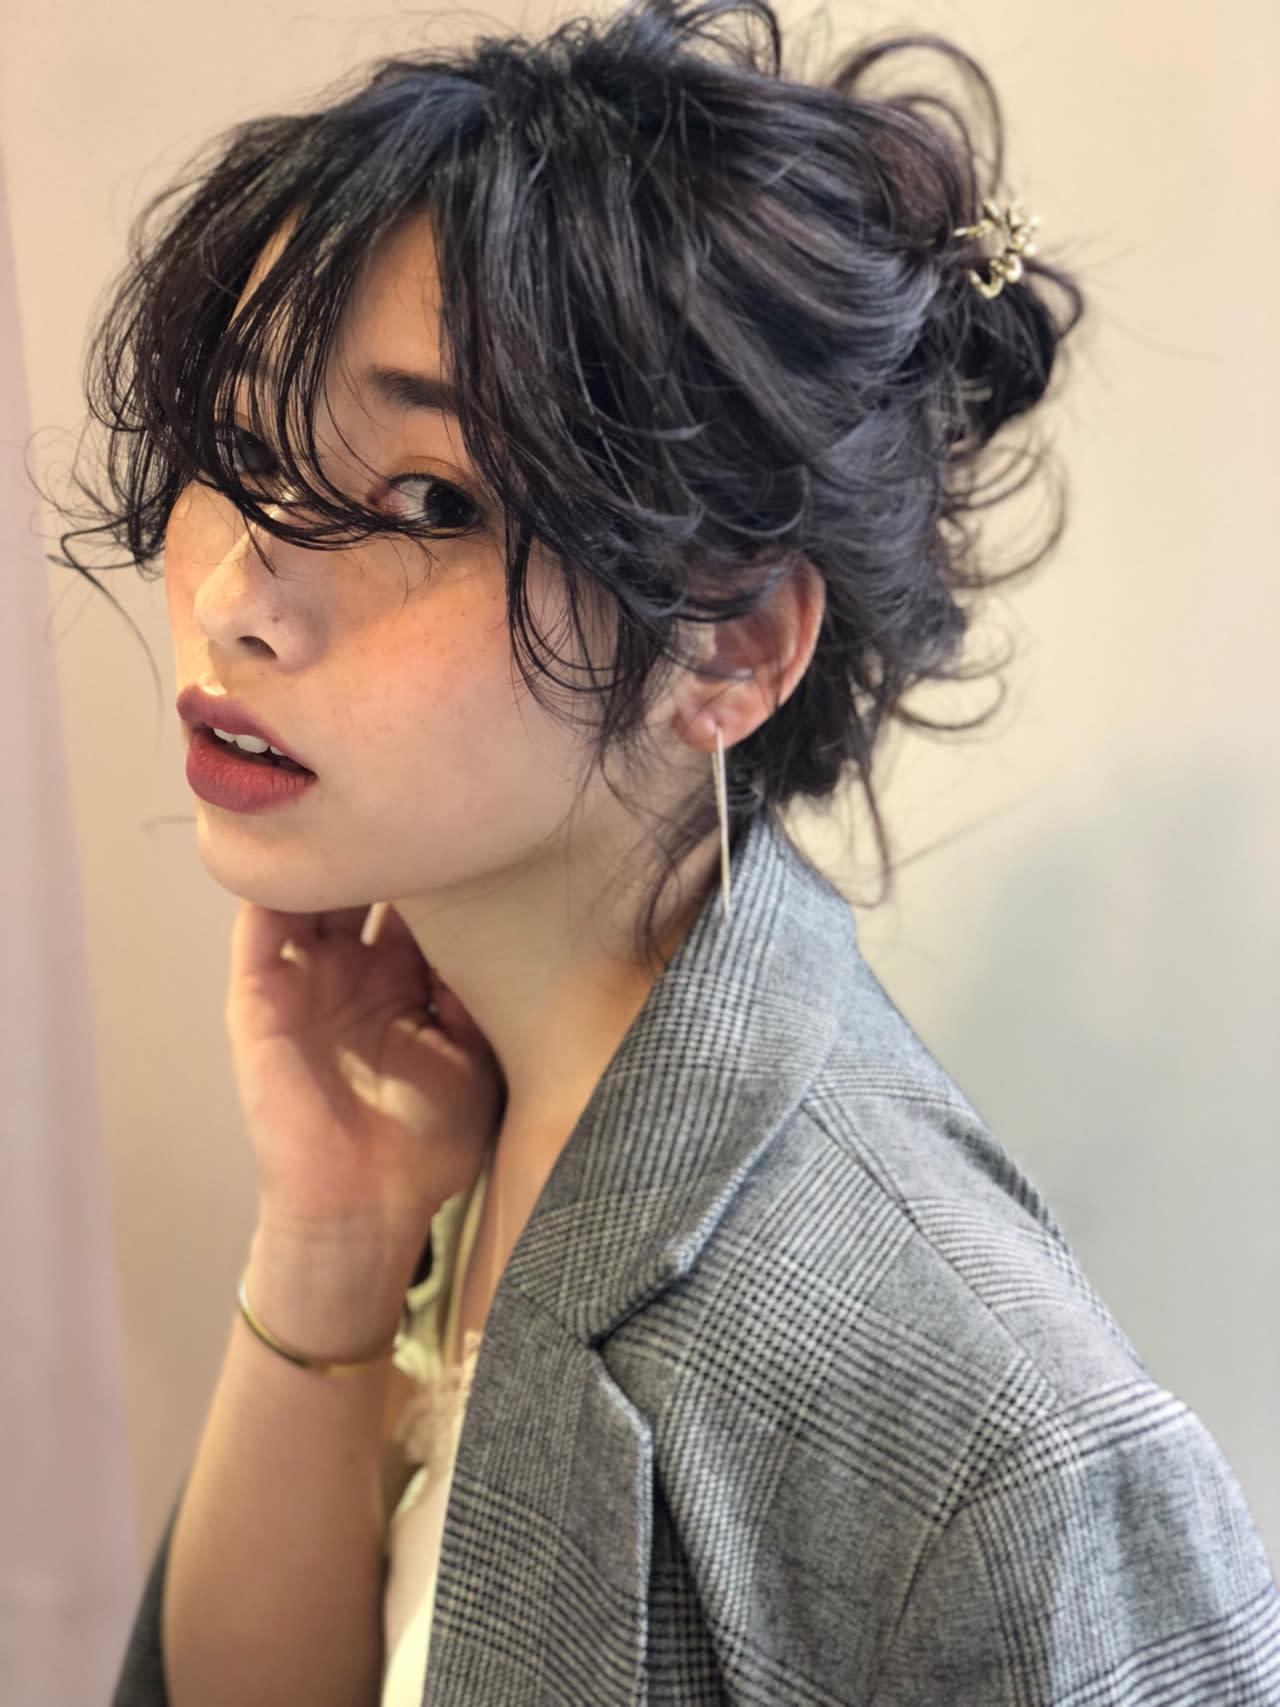 丸子頭×髮飾